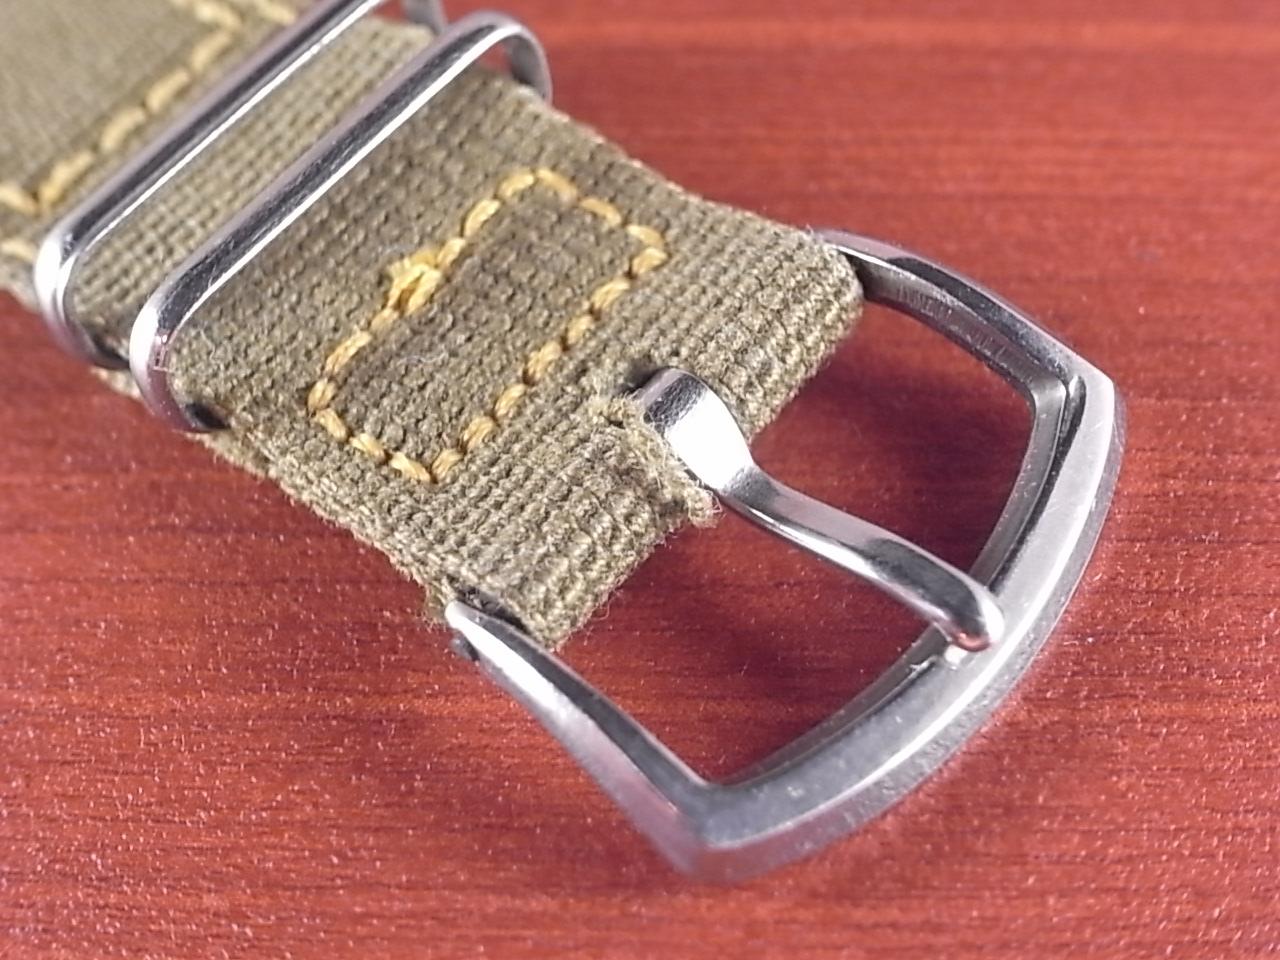 米軍用 SS尾錠 16mm N.O.S. 1940年代の写真6枚目